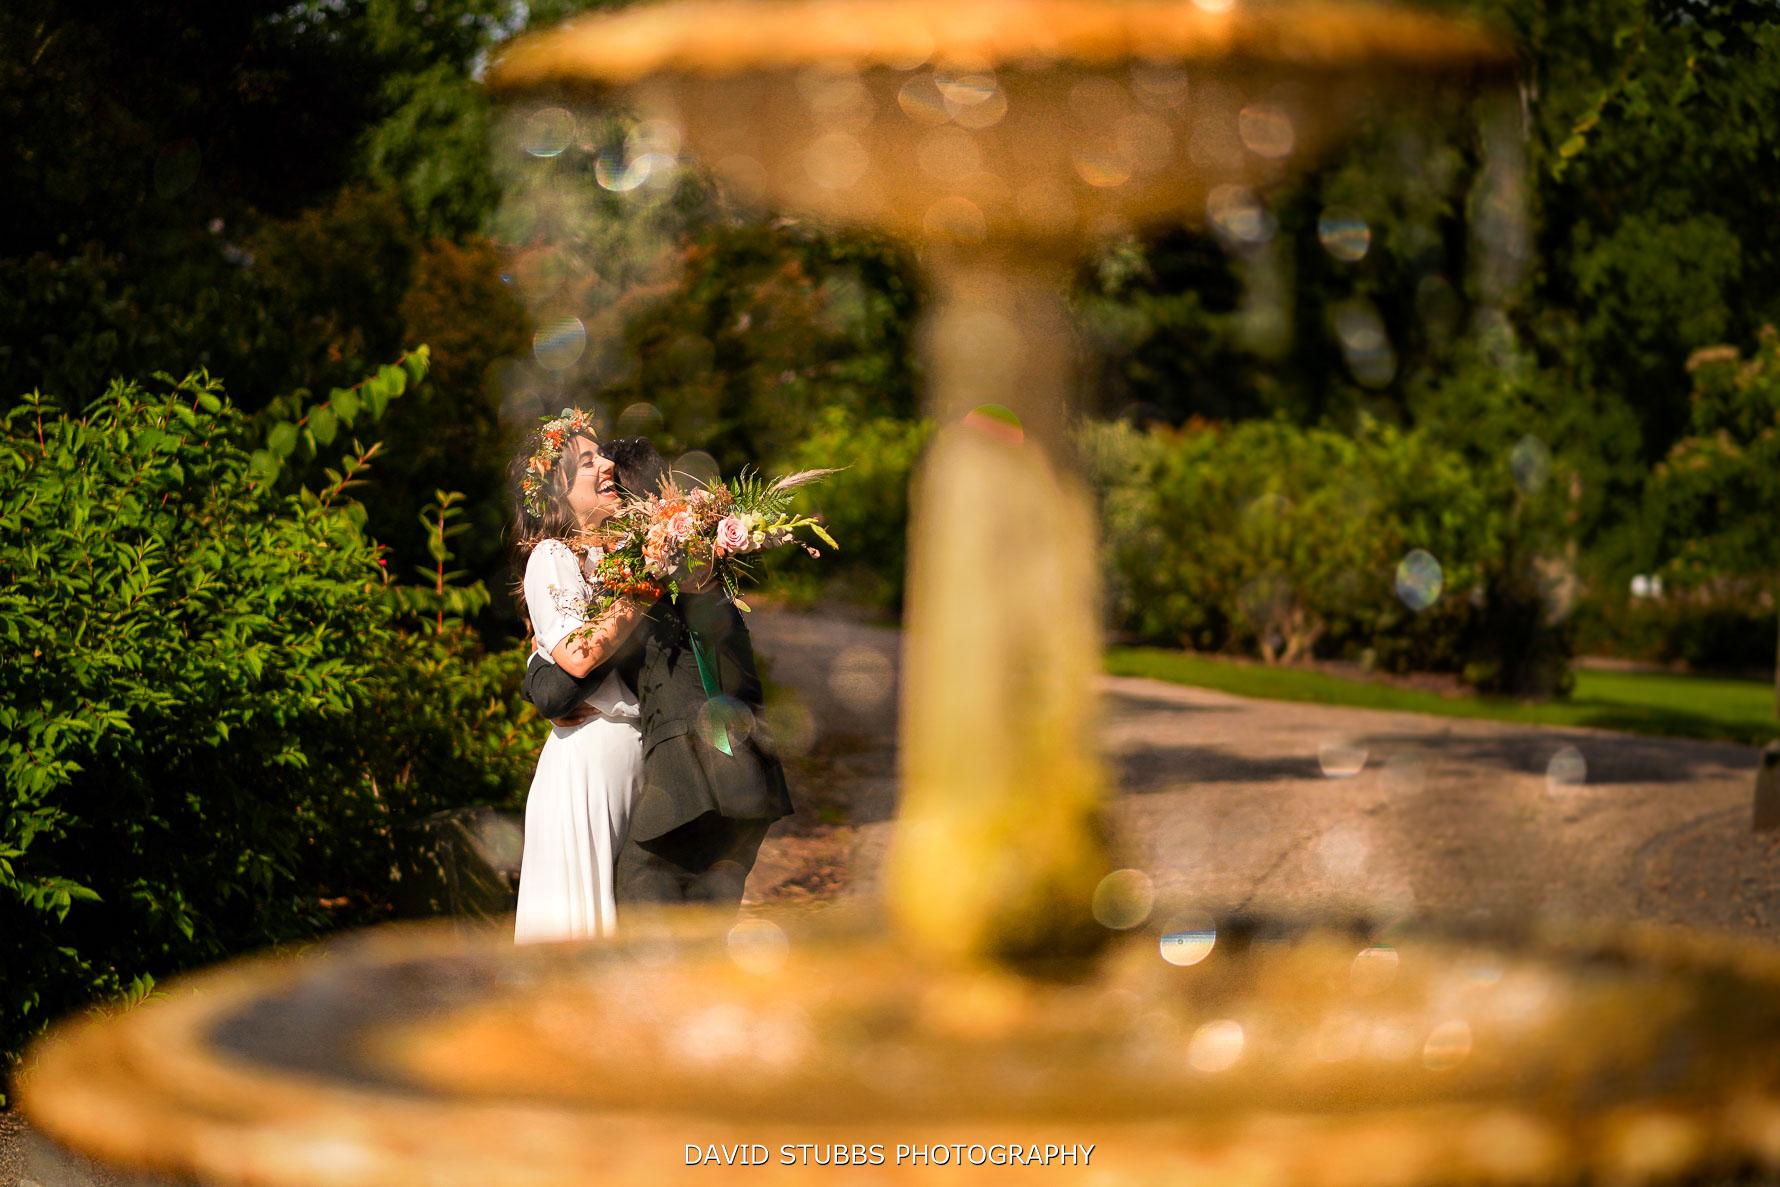 ruths smiles through fountain